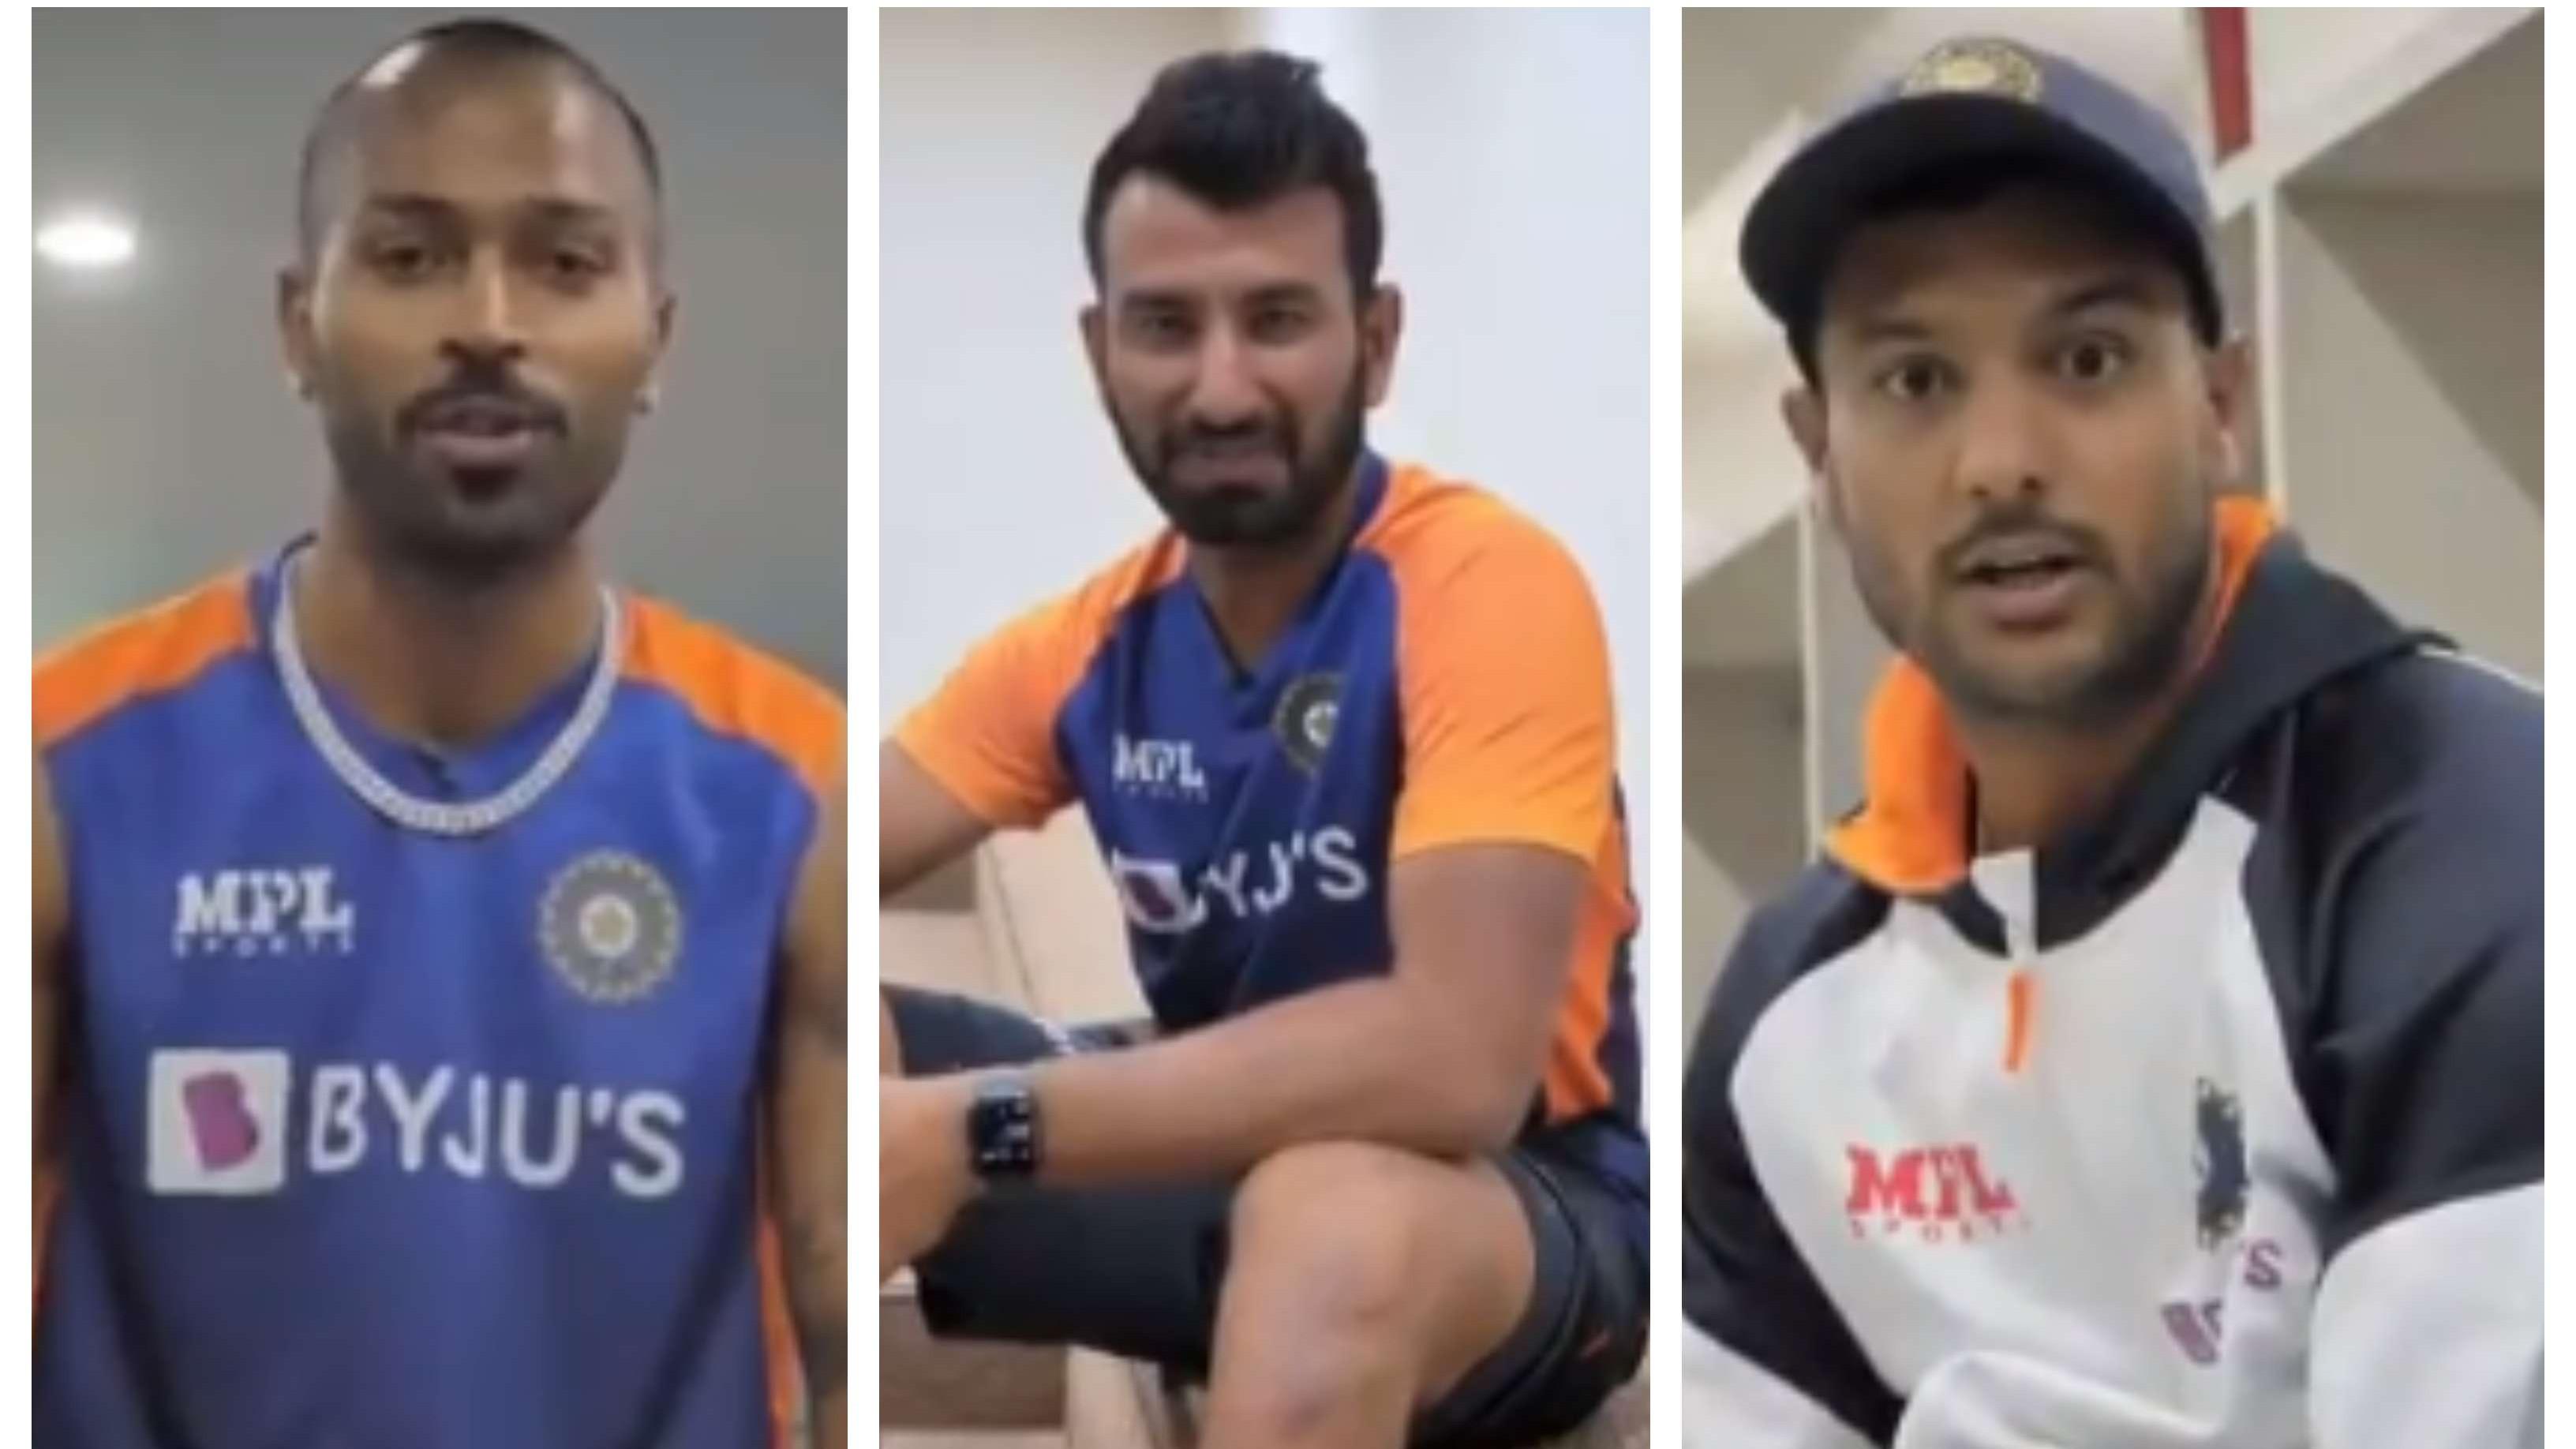 IND v ENG 2021: WATCH – Pandya, Pujara, Mayank share their views on revamped Sardar Patel Stadium